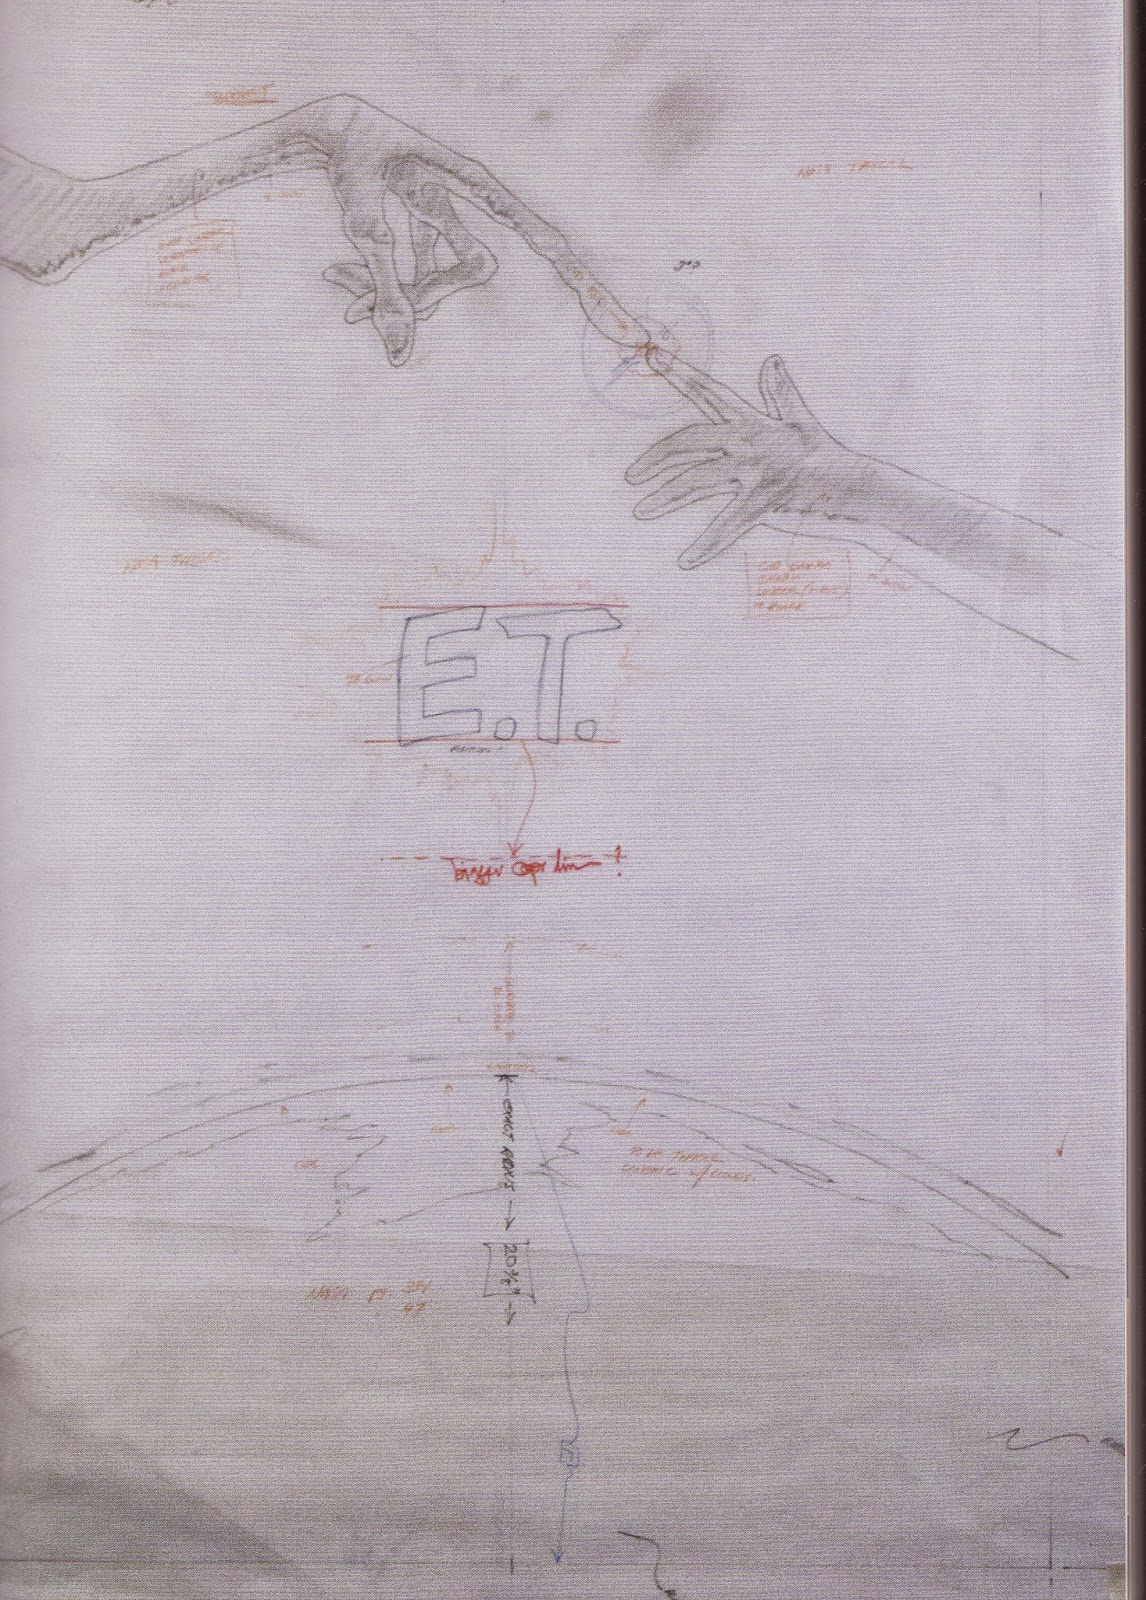 e.t. concept art